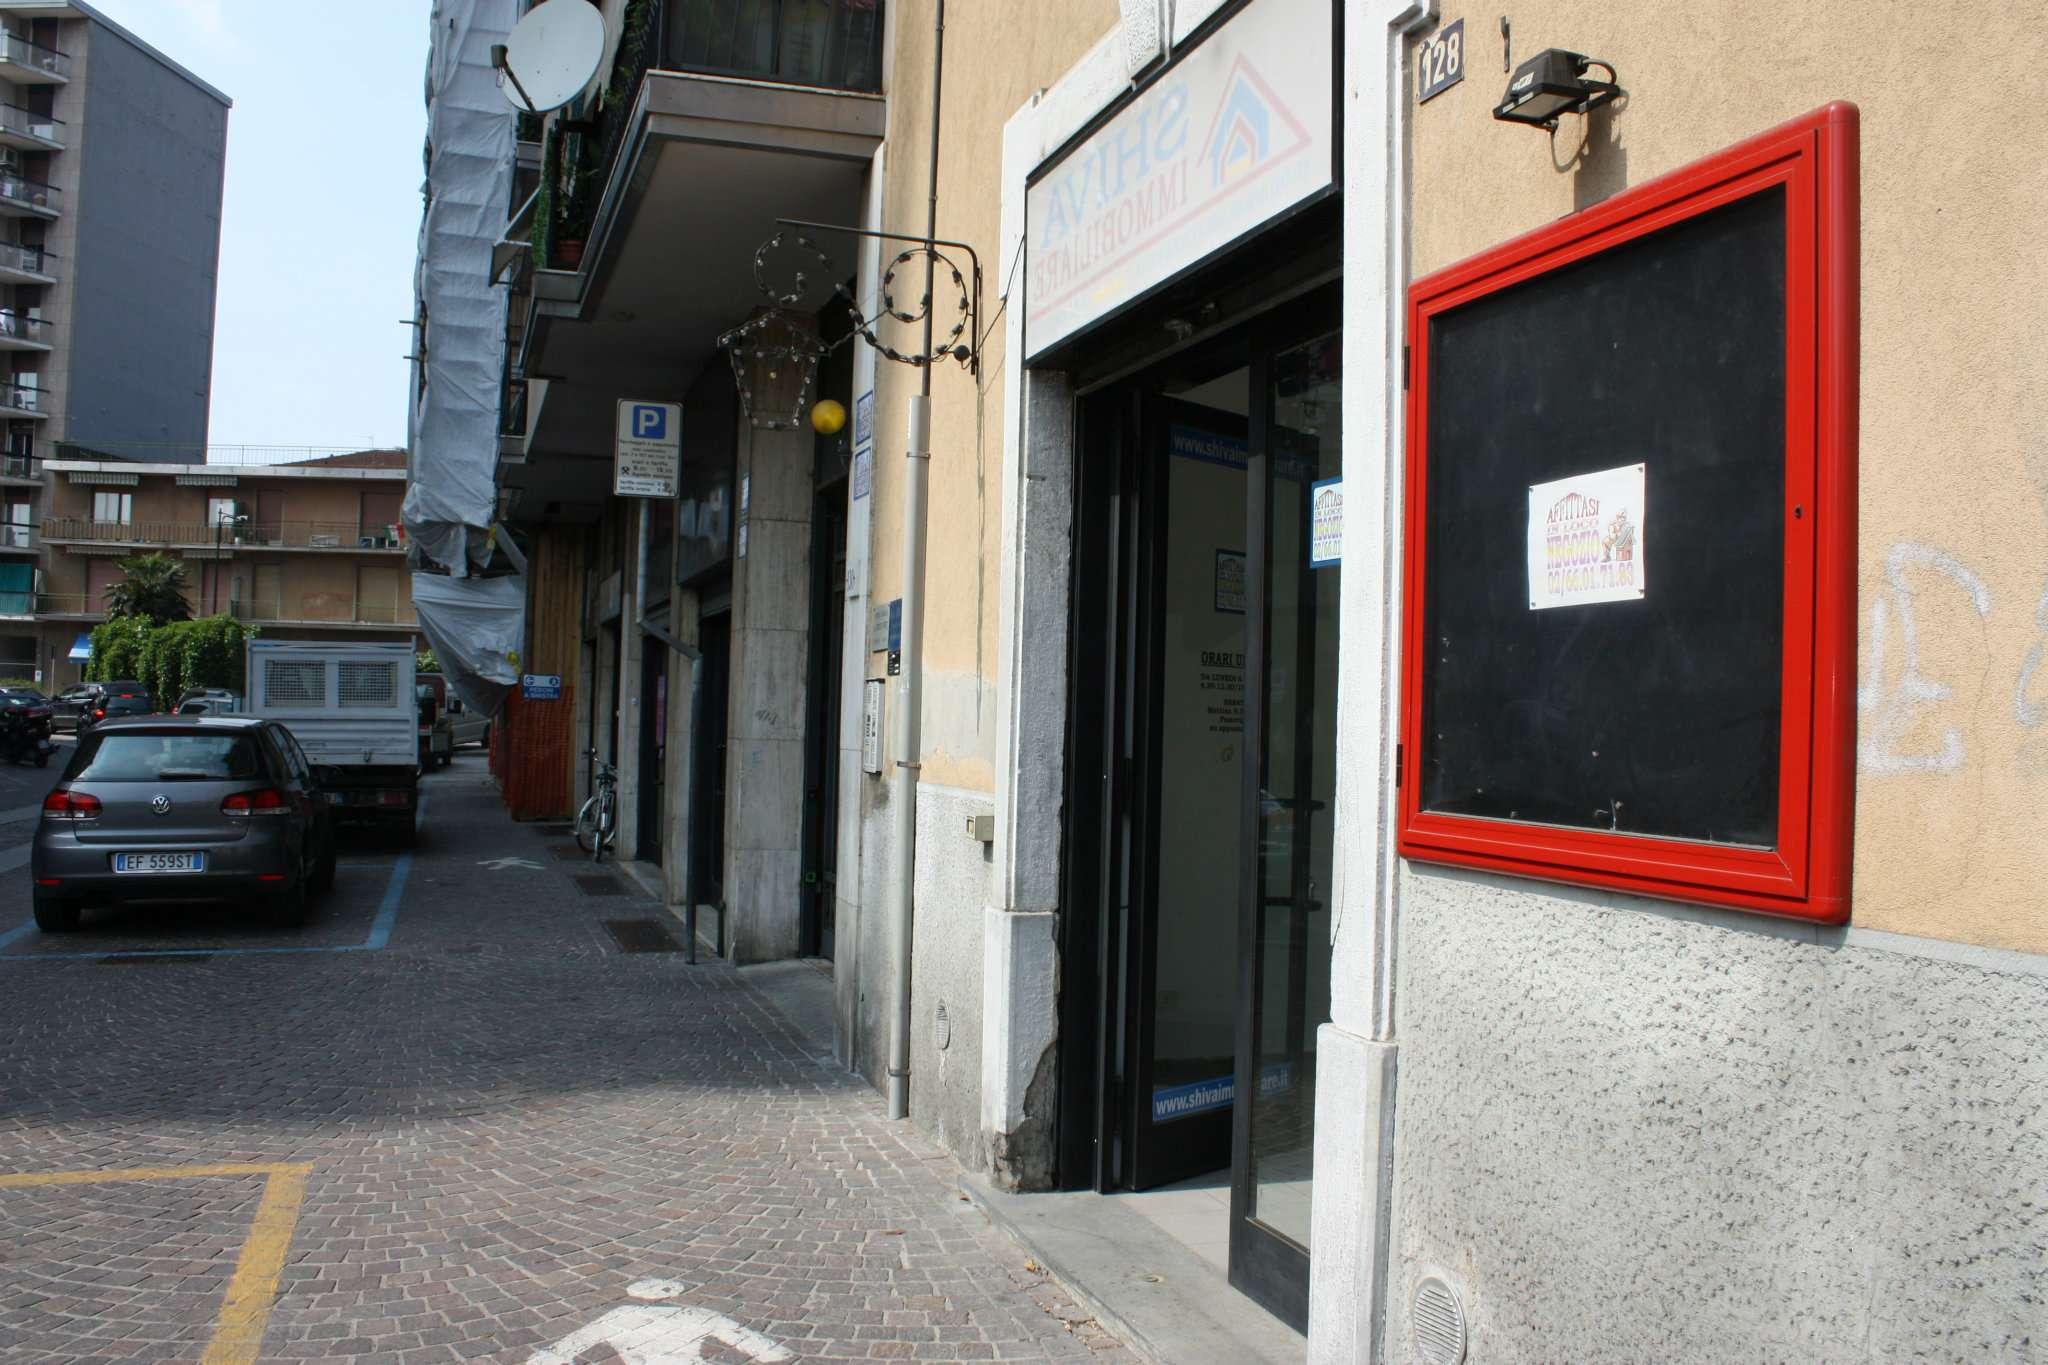 Negozio / Locale in affitto a Cinisello Balsamo, 1 locali, prezzo € 700 | CambioCasa.it